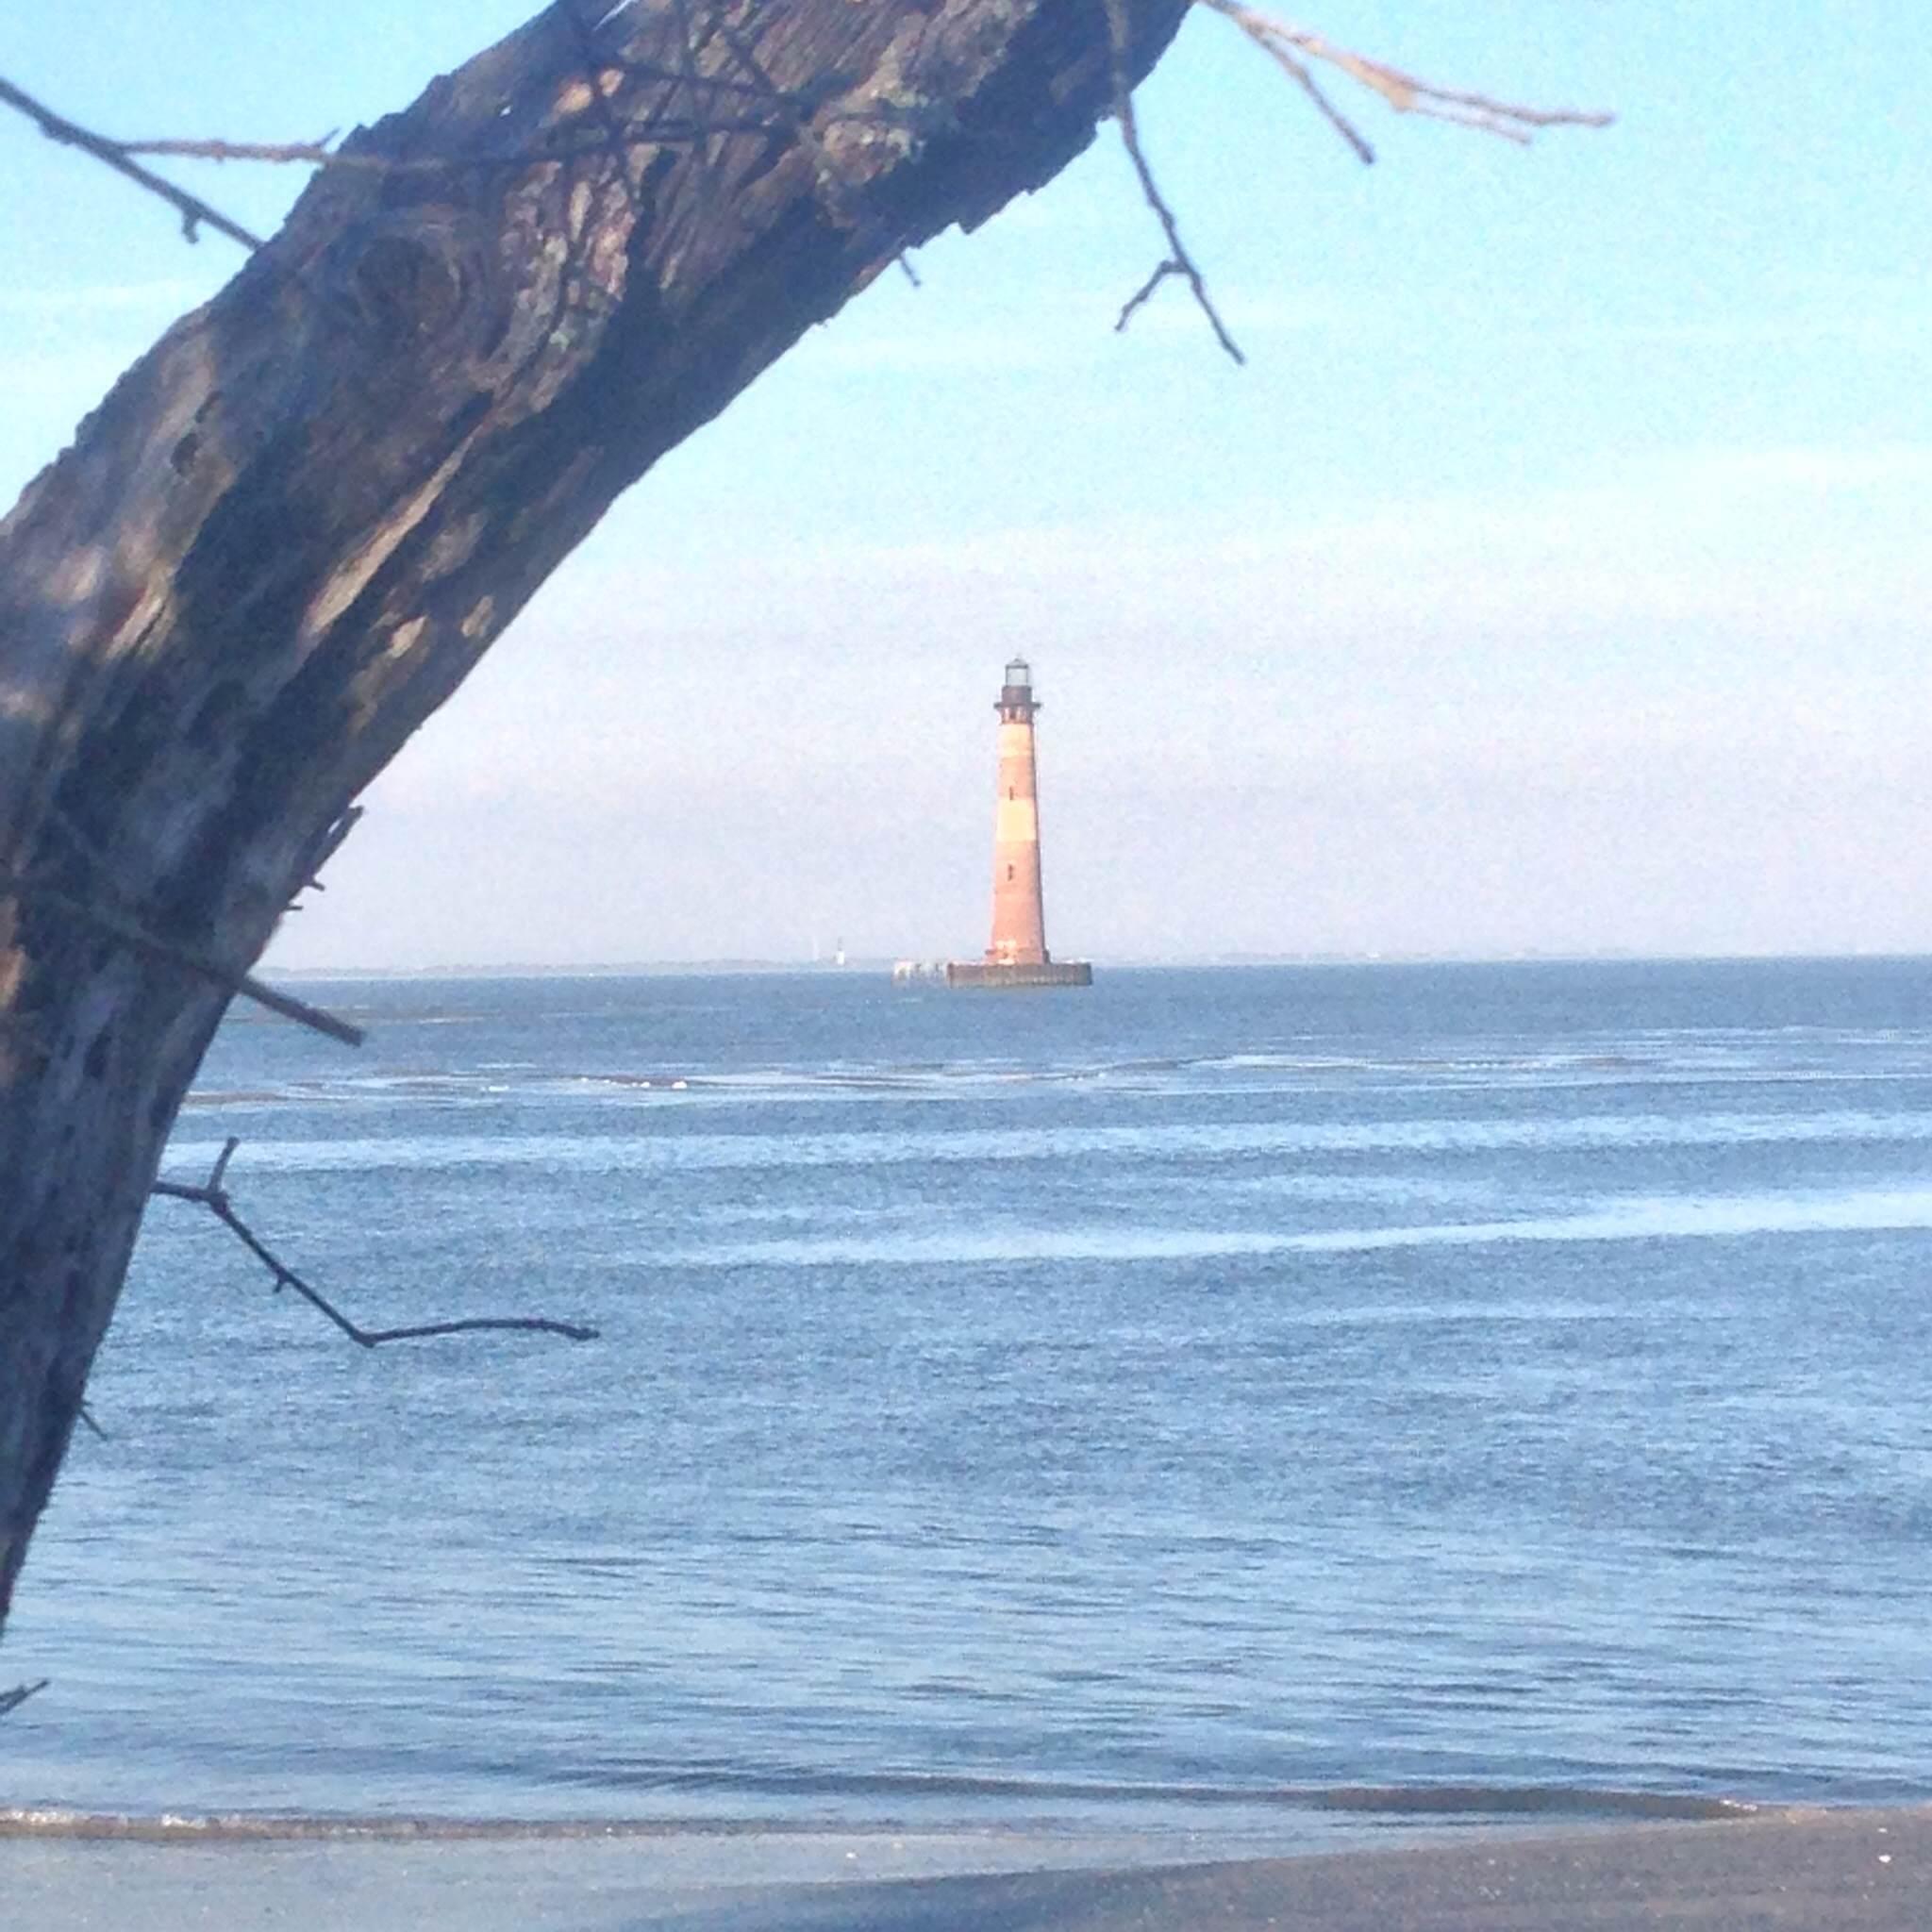 4 - Lighthouse on Folly Beach